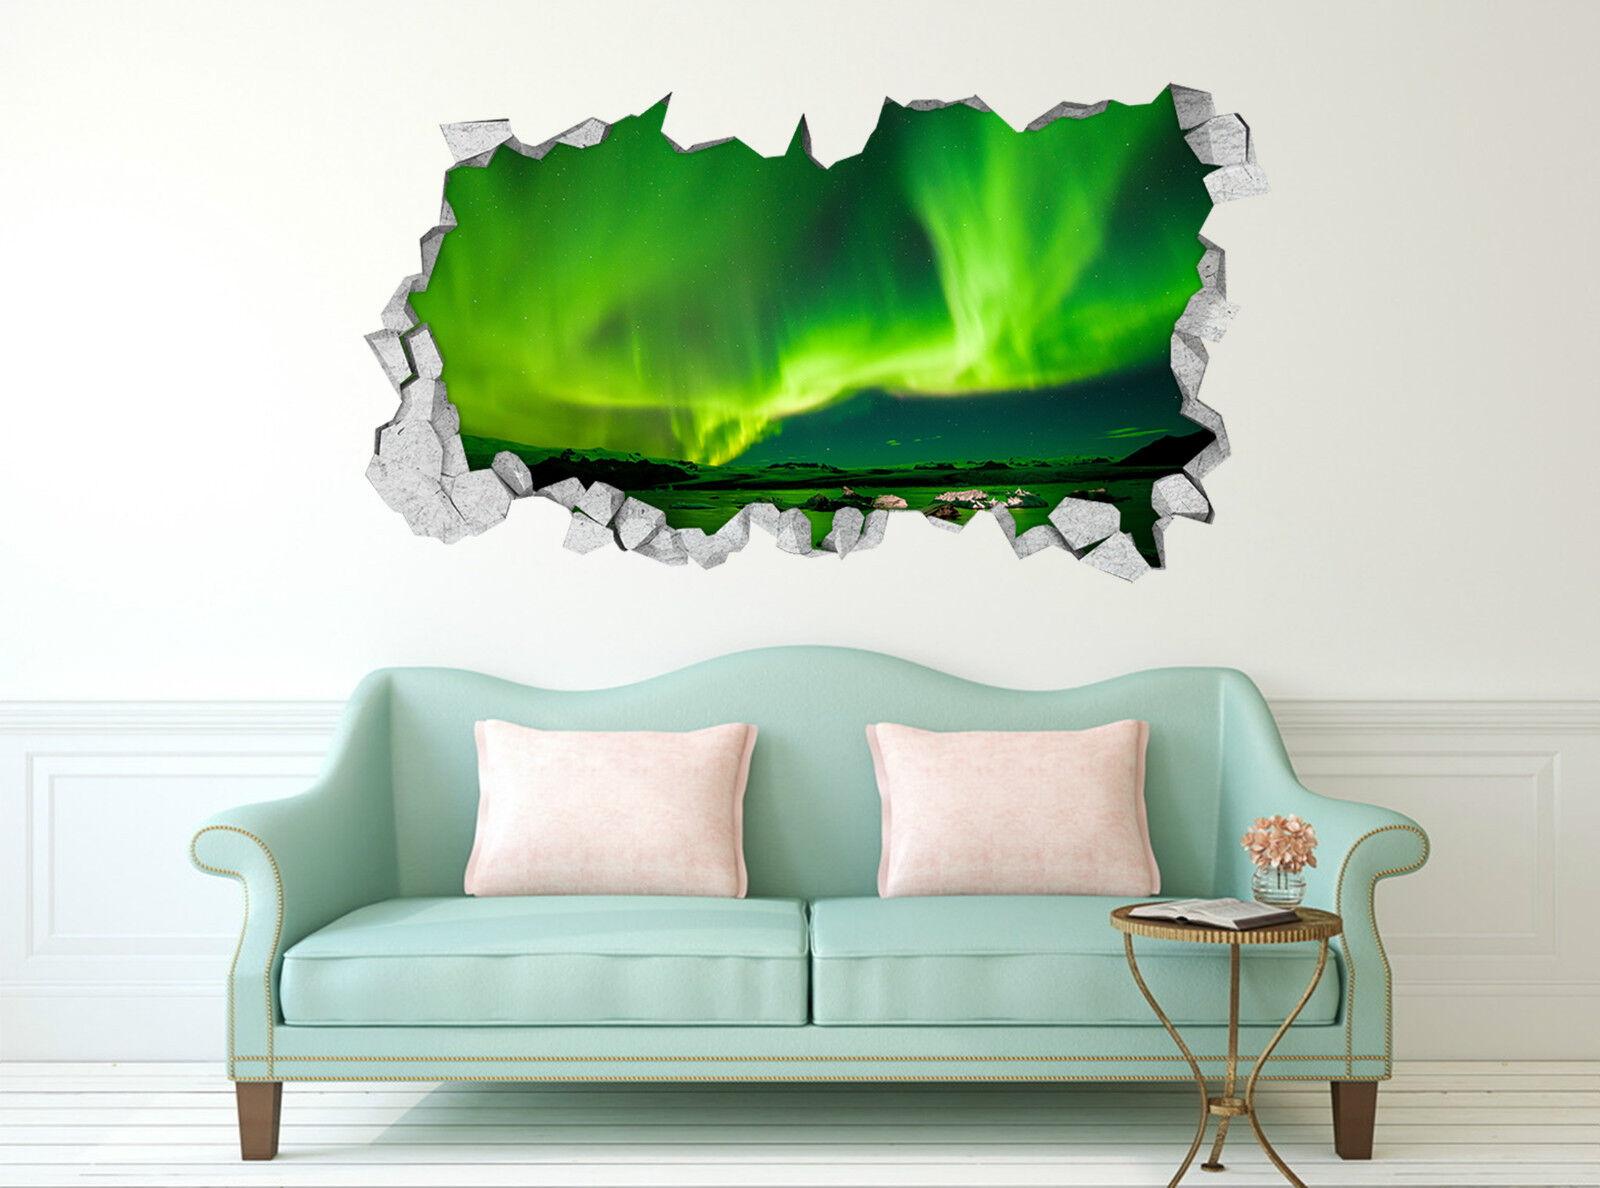 3D greenes Licht 454 Mauer Murals Aufklebe Decal Durchbruch AJ WALLPAPER DE Lemon